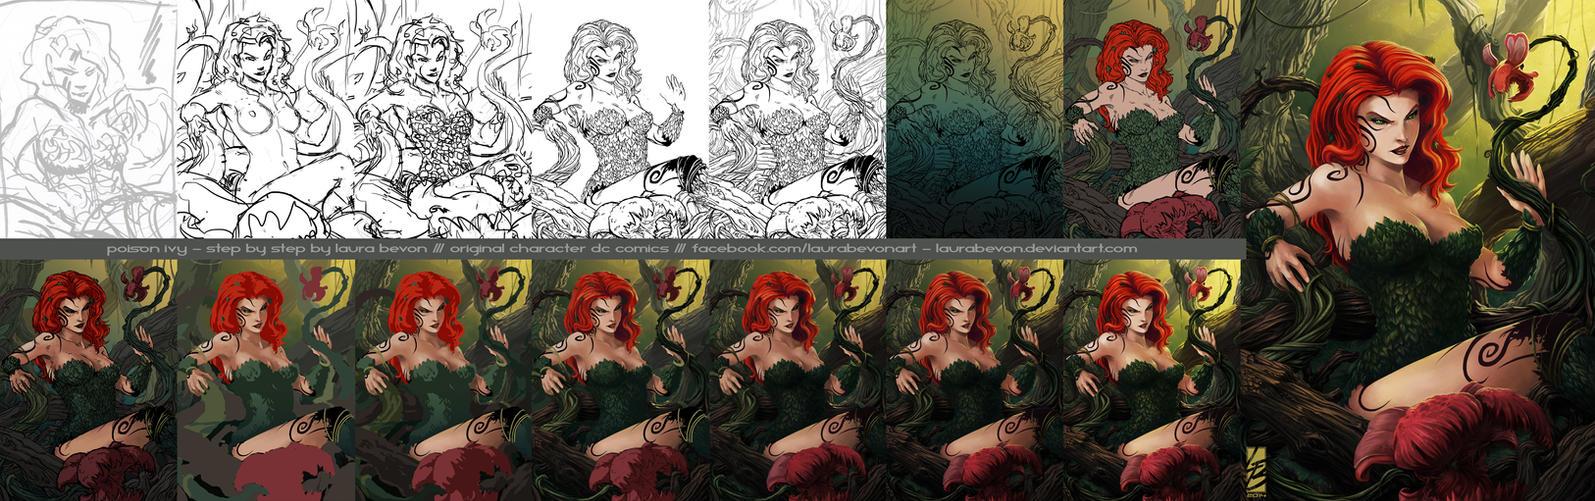 Ivy - Detailed WIP by LauraBevon